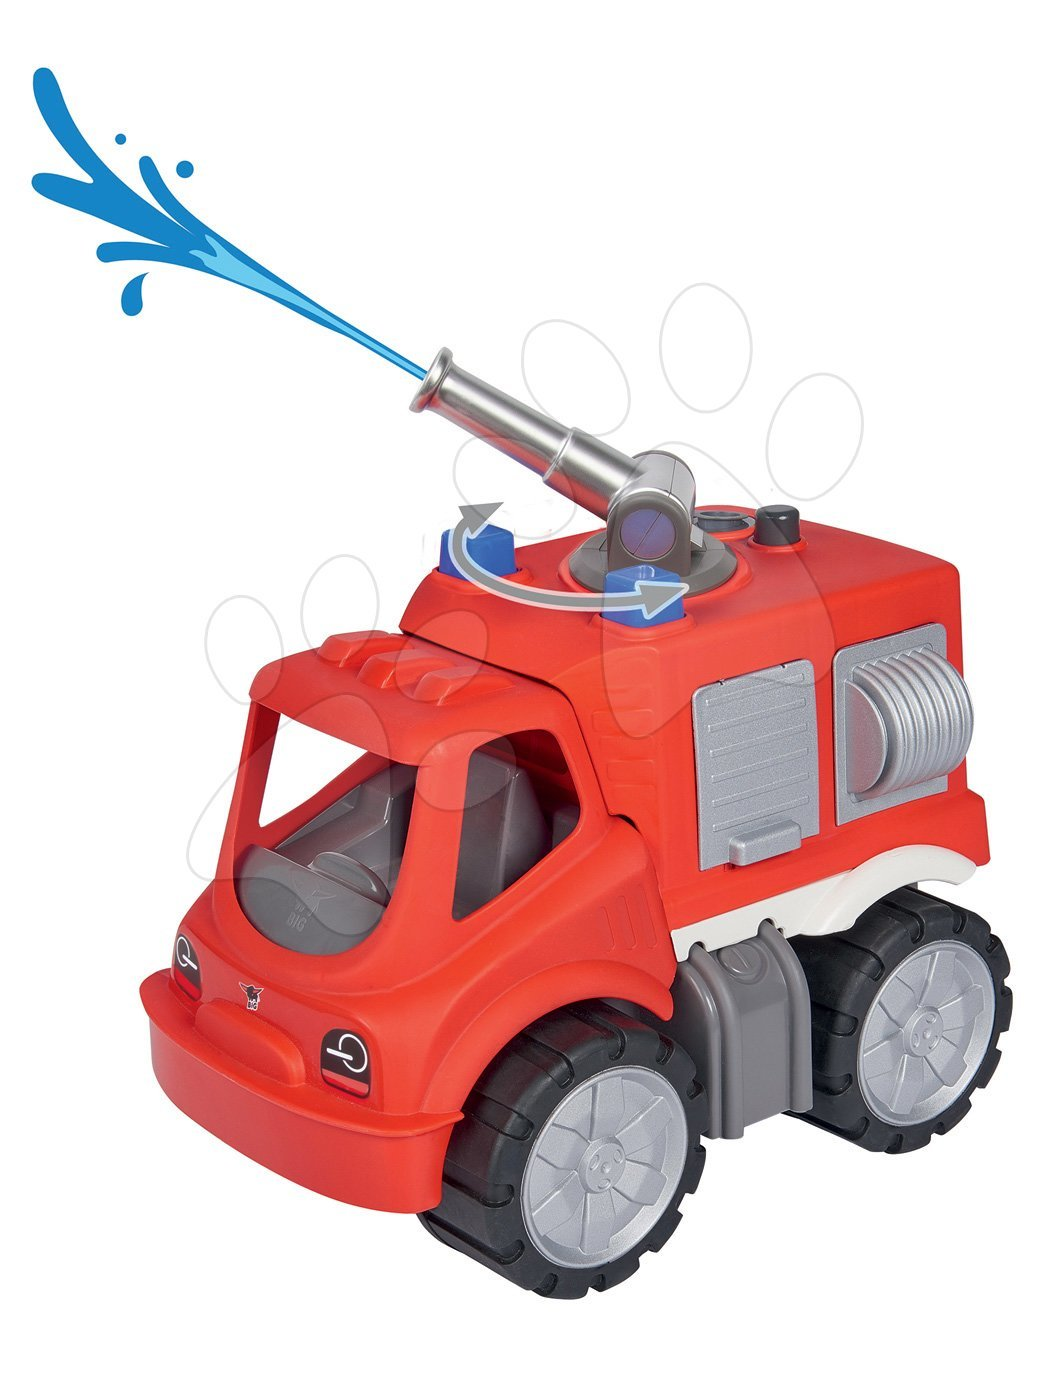 Teherautók - Tűzoltóautó vízágyúval Power Worker Fire Fighter Car BIG piros 2 évtől